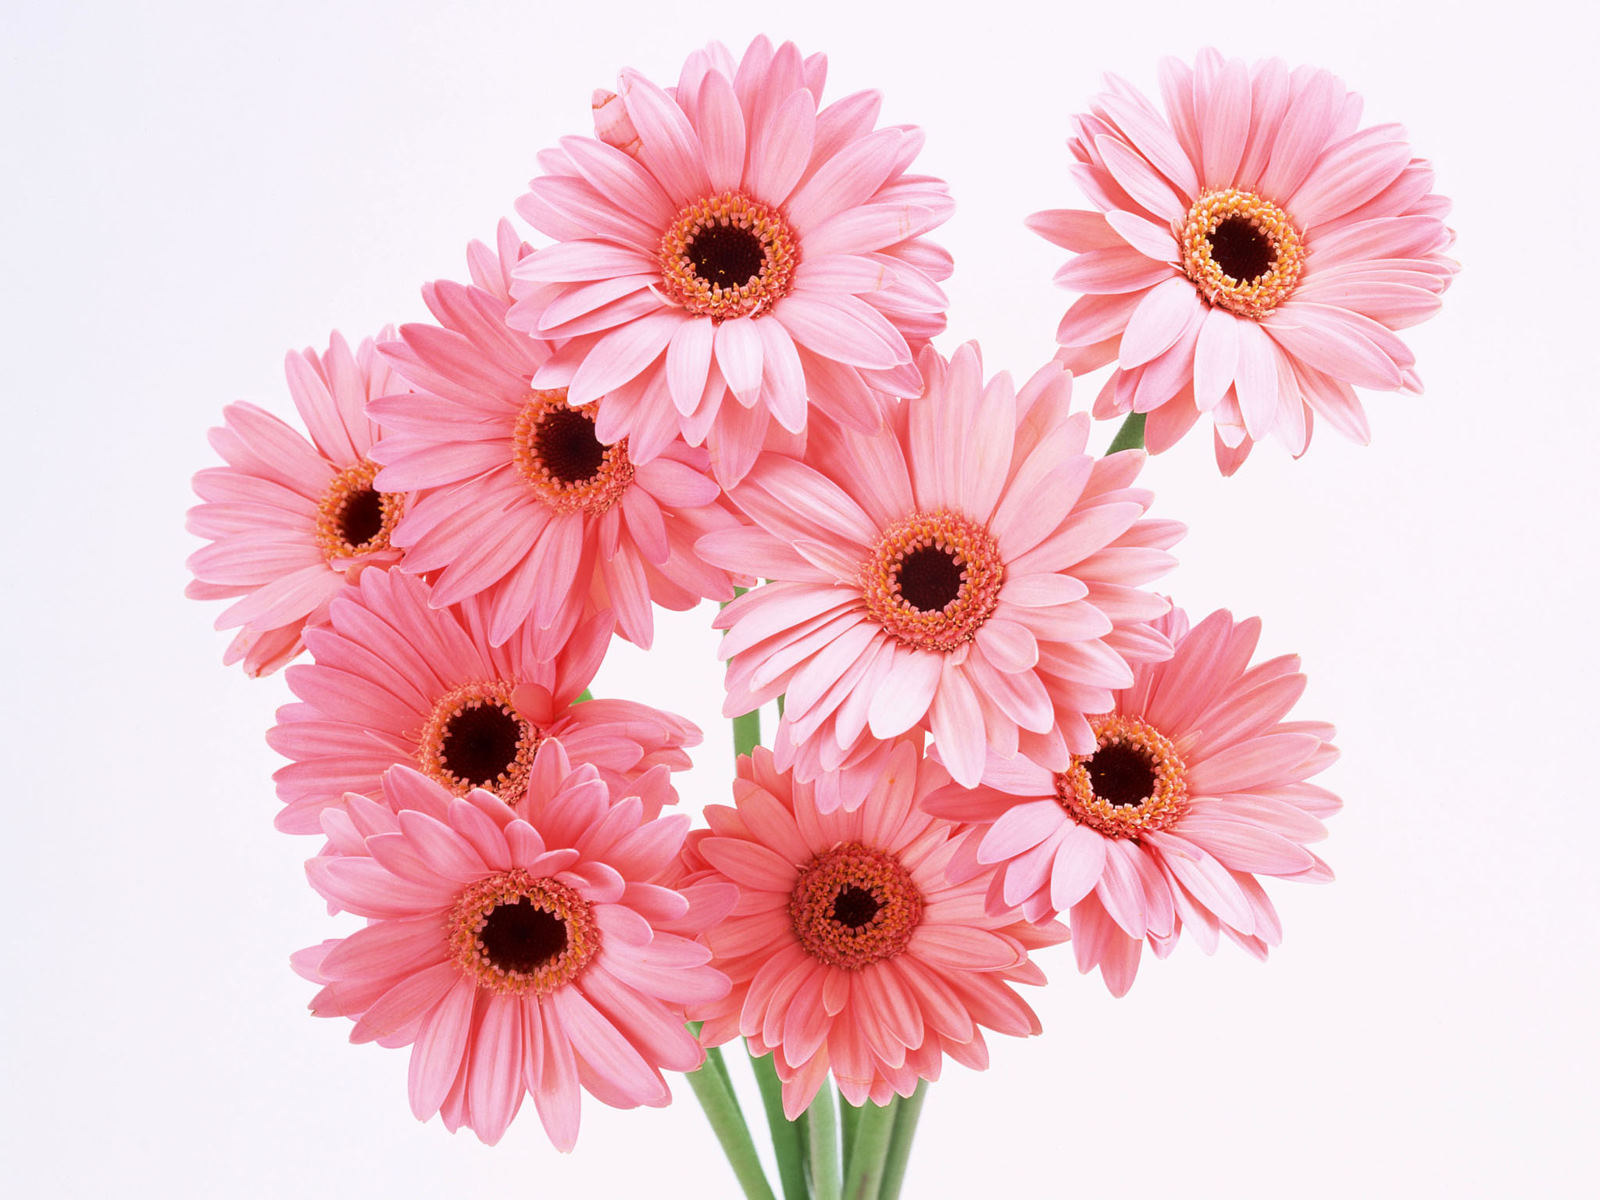 வால்பேப்பர்கள் ( flowers wallpapers ) 01 - Page 4 K-Sharpe-Pink-Flowers